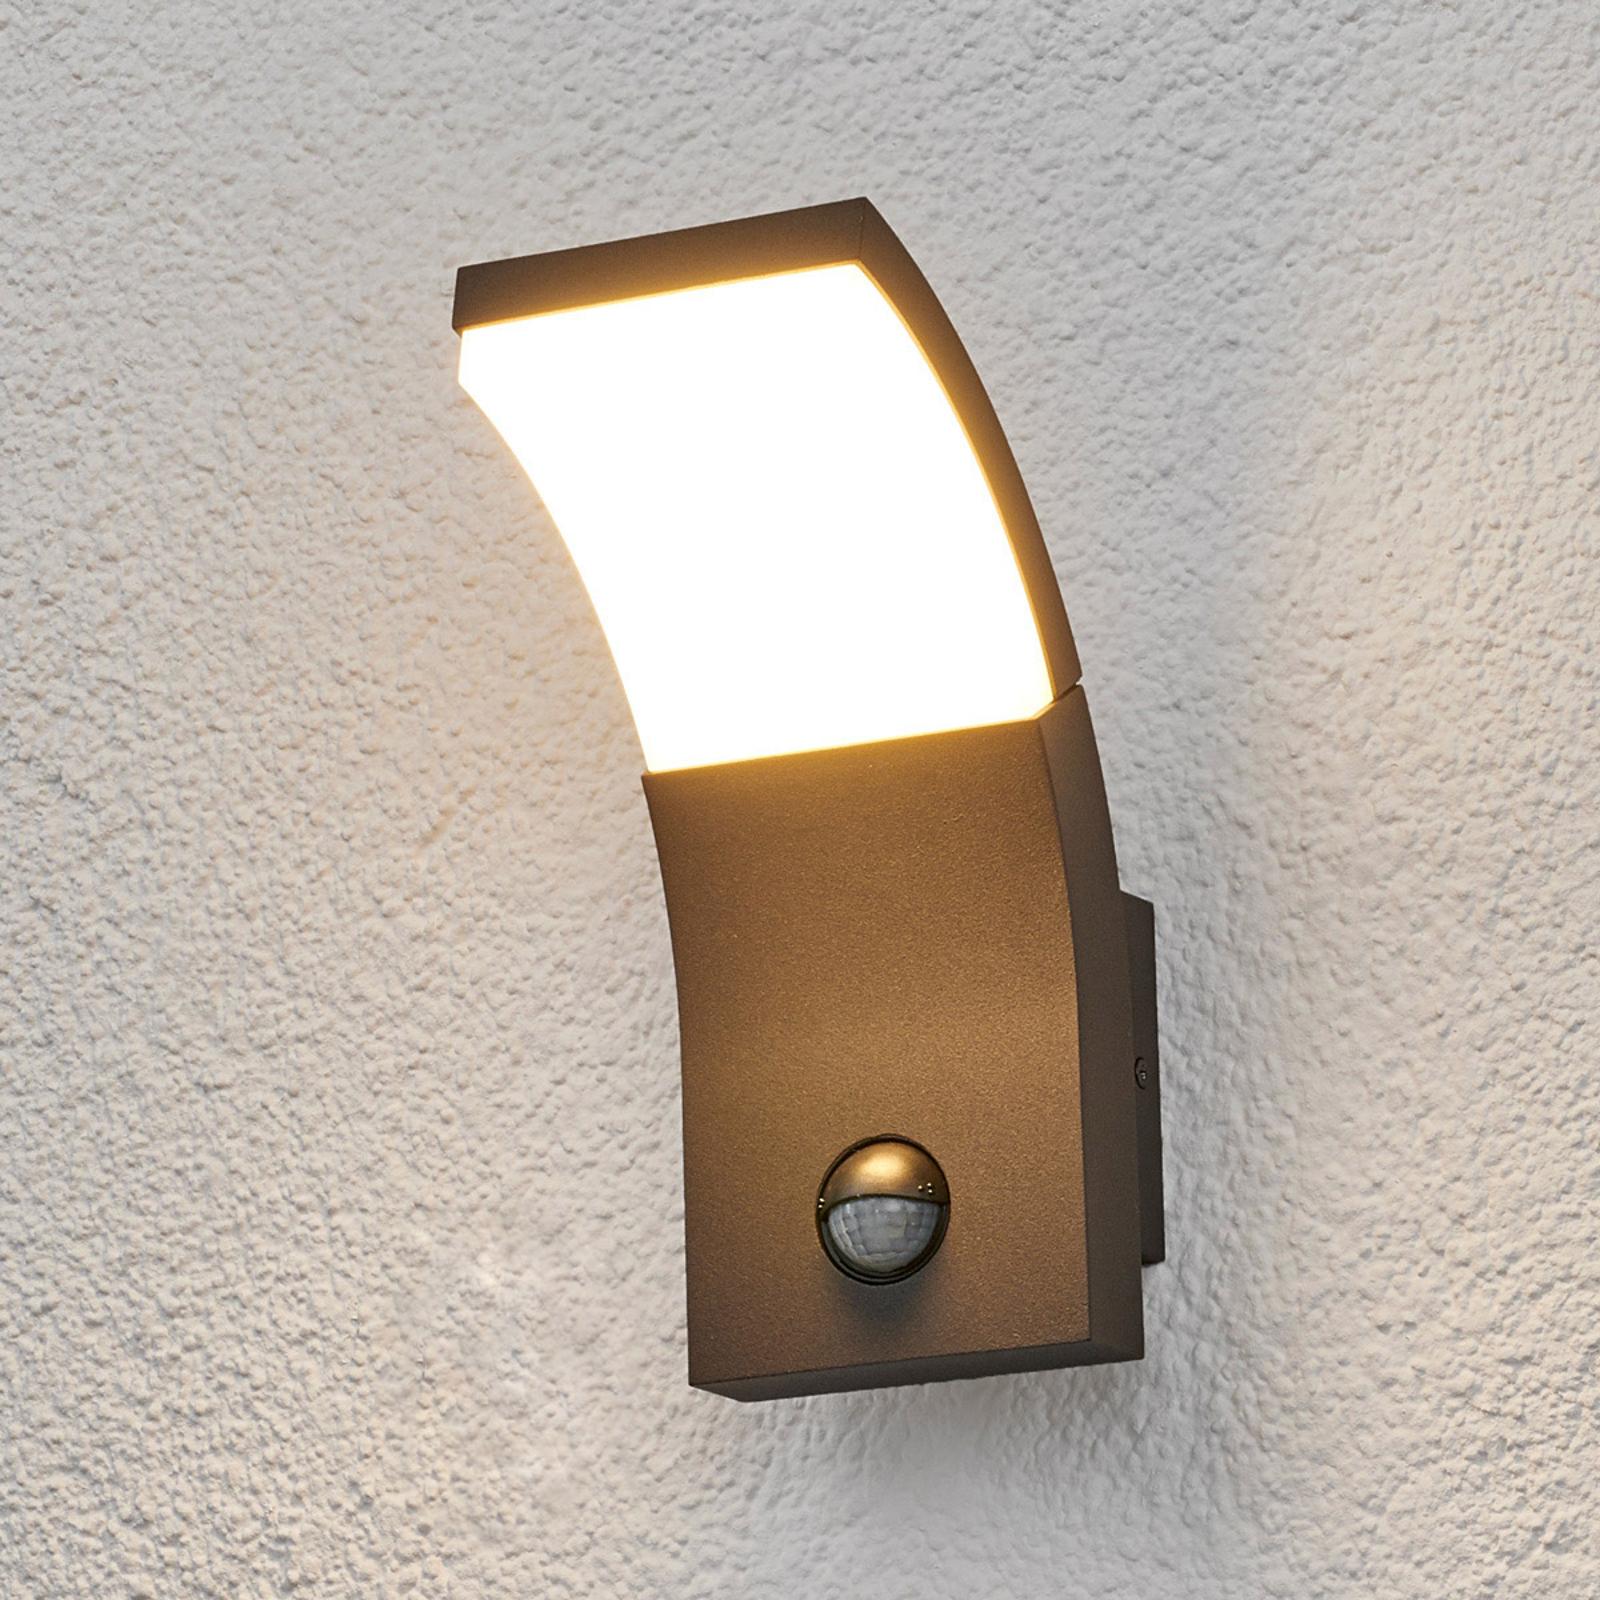 LED-utevegglys Timm med bevegelsessensor